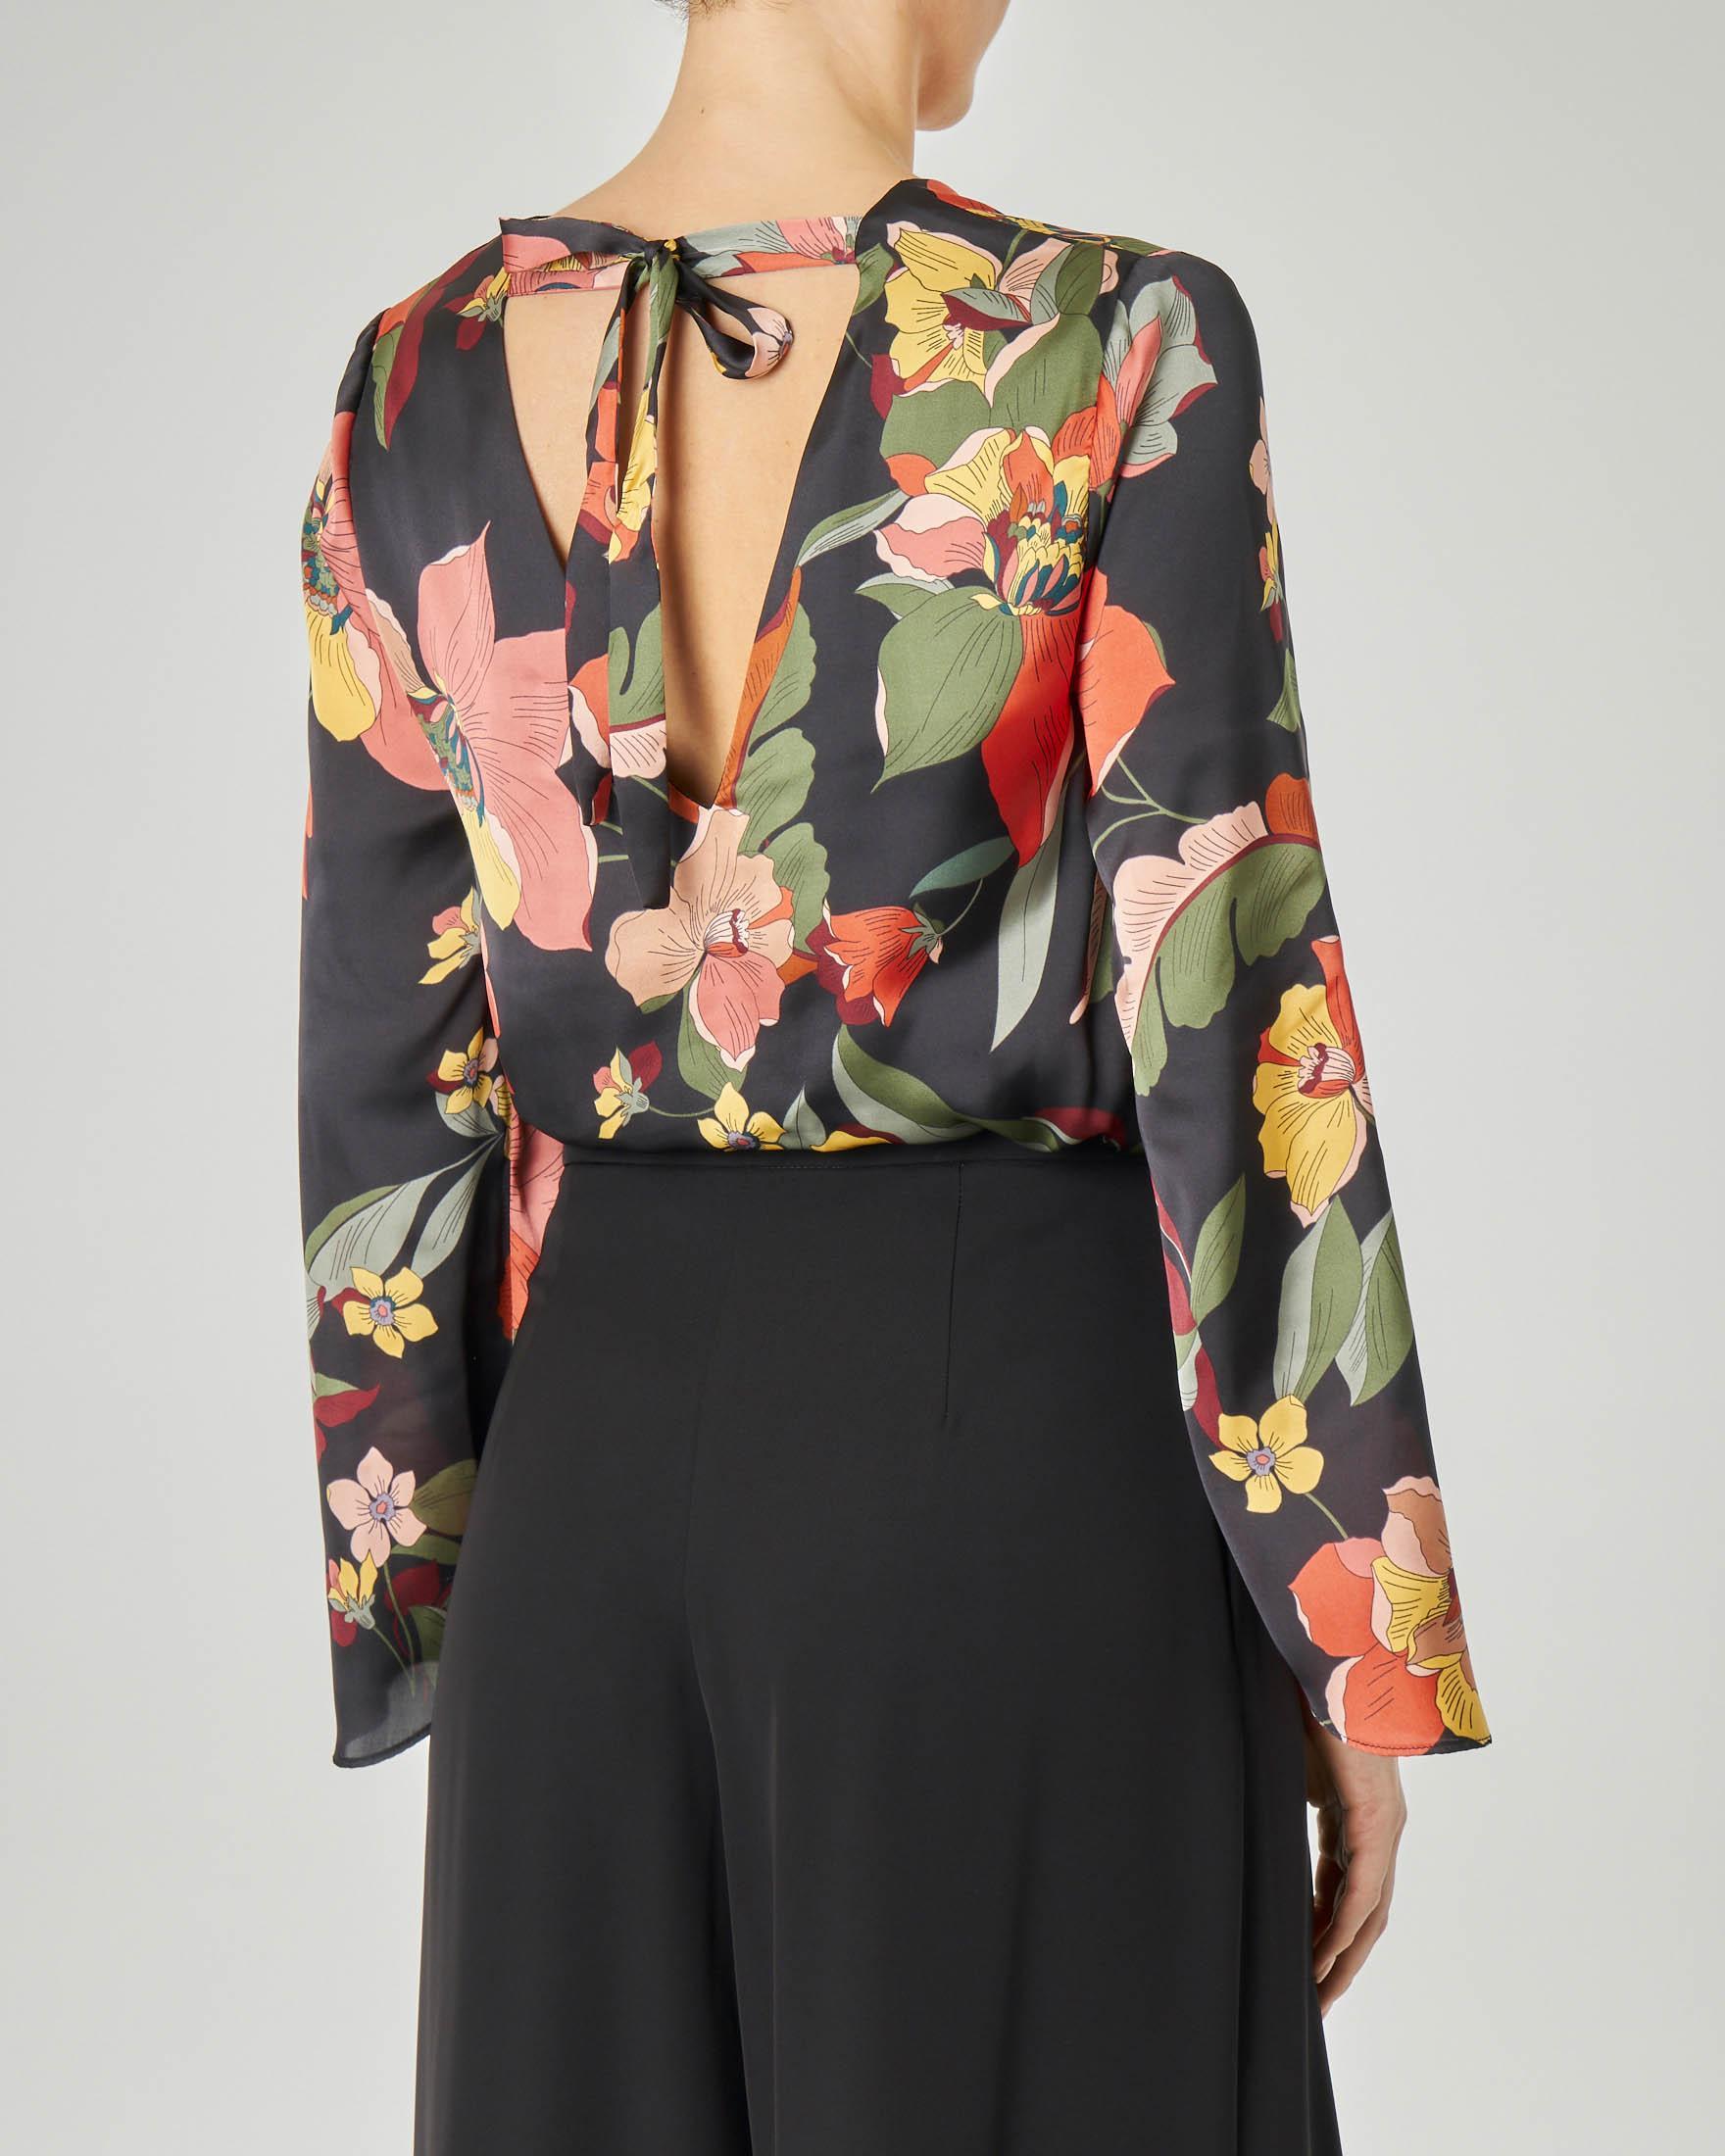 Blusa nera a fantasia floreale in tessuto effeto raso con scollo a V e fiocco sulla schiena